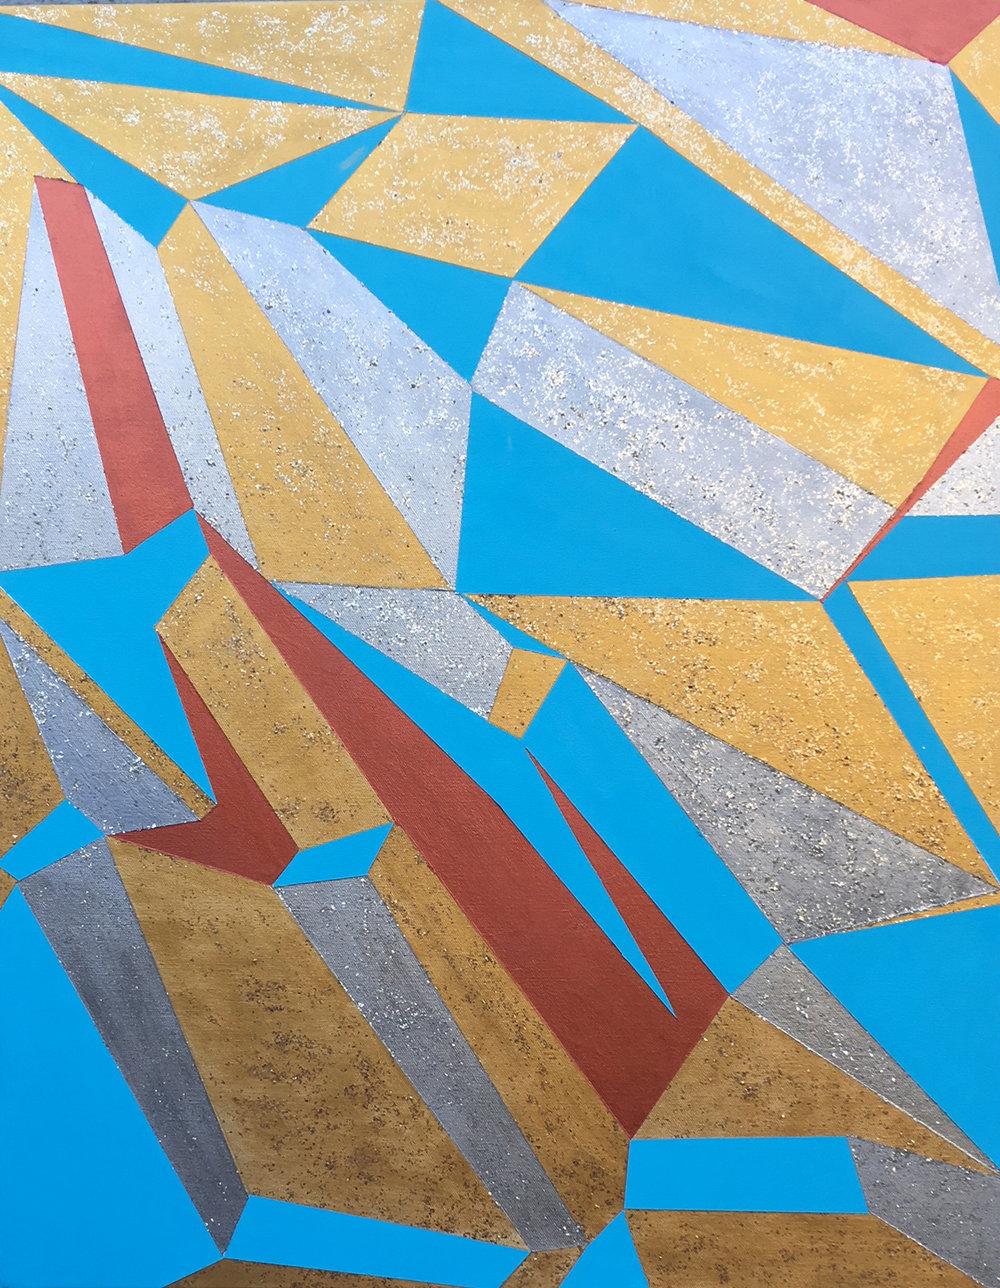 Hard-Edge 10-17-17 Acrylic on Canvas, 24x30